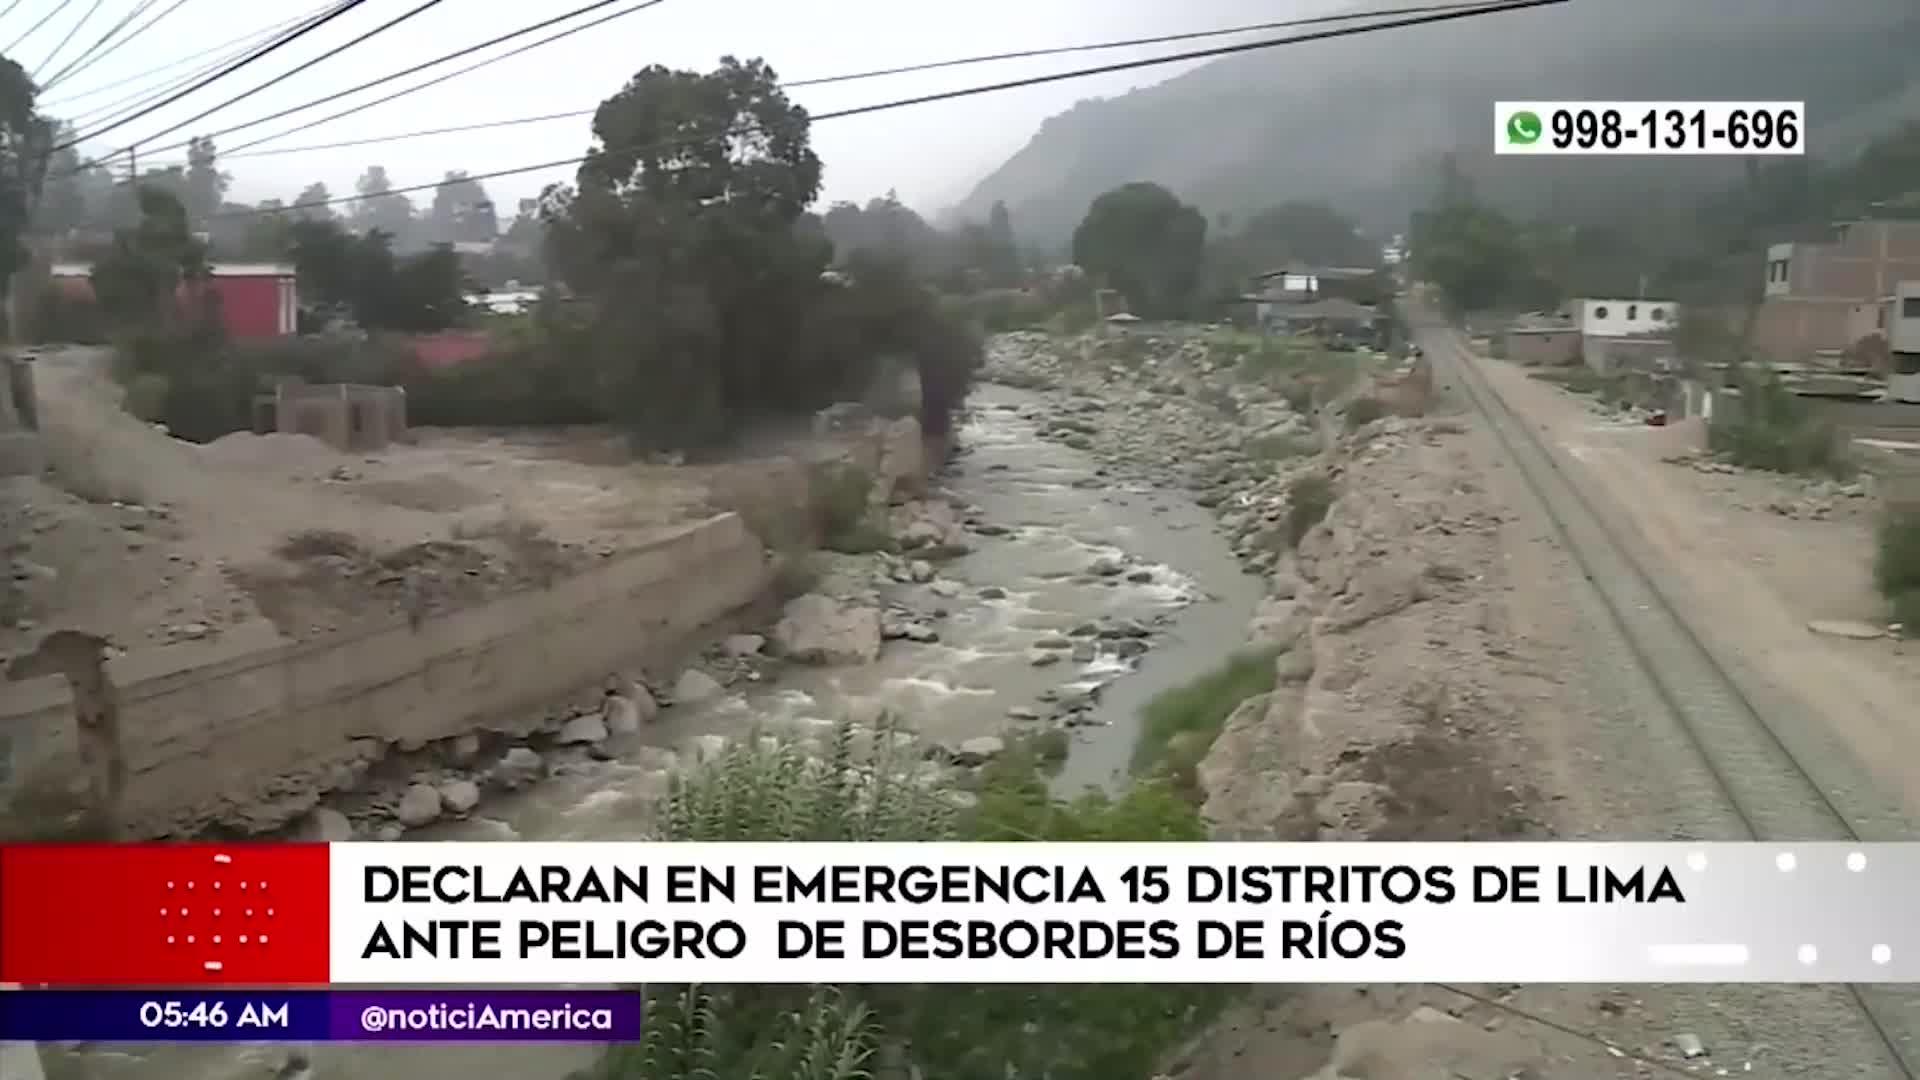 Declaran en emergencia varios distritos de Lima por peligros de inundaciones